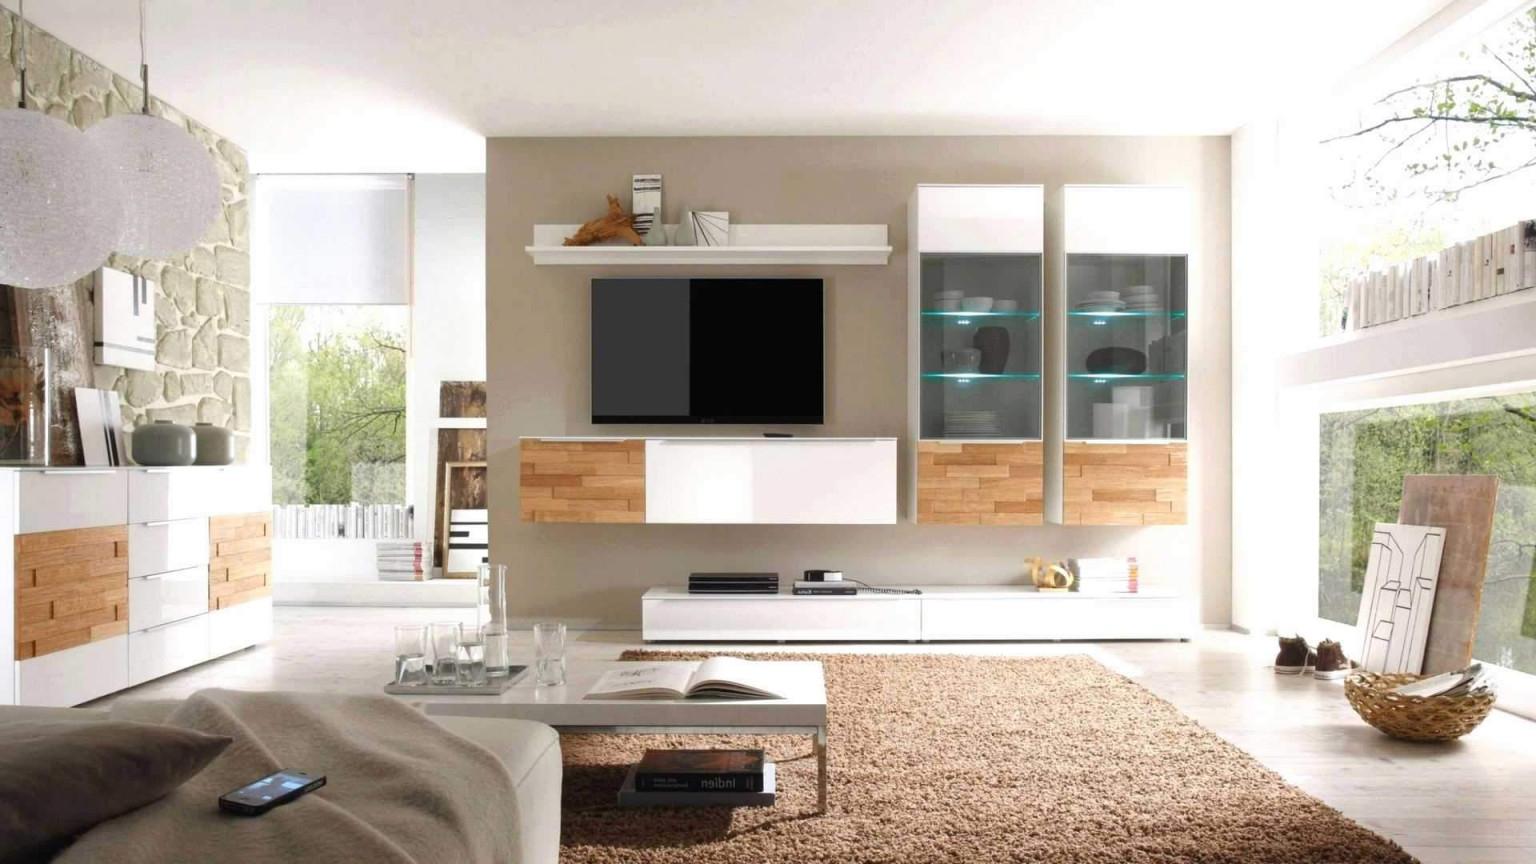 40 Frisch Moderne Wandgestaltung Wohnzimmer Inspirierend von Moderne Wohnzimmer Wandgestaltung Bild